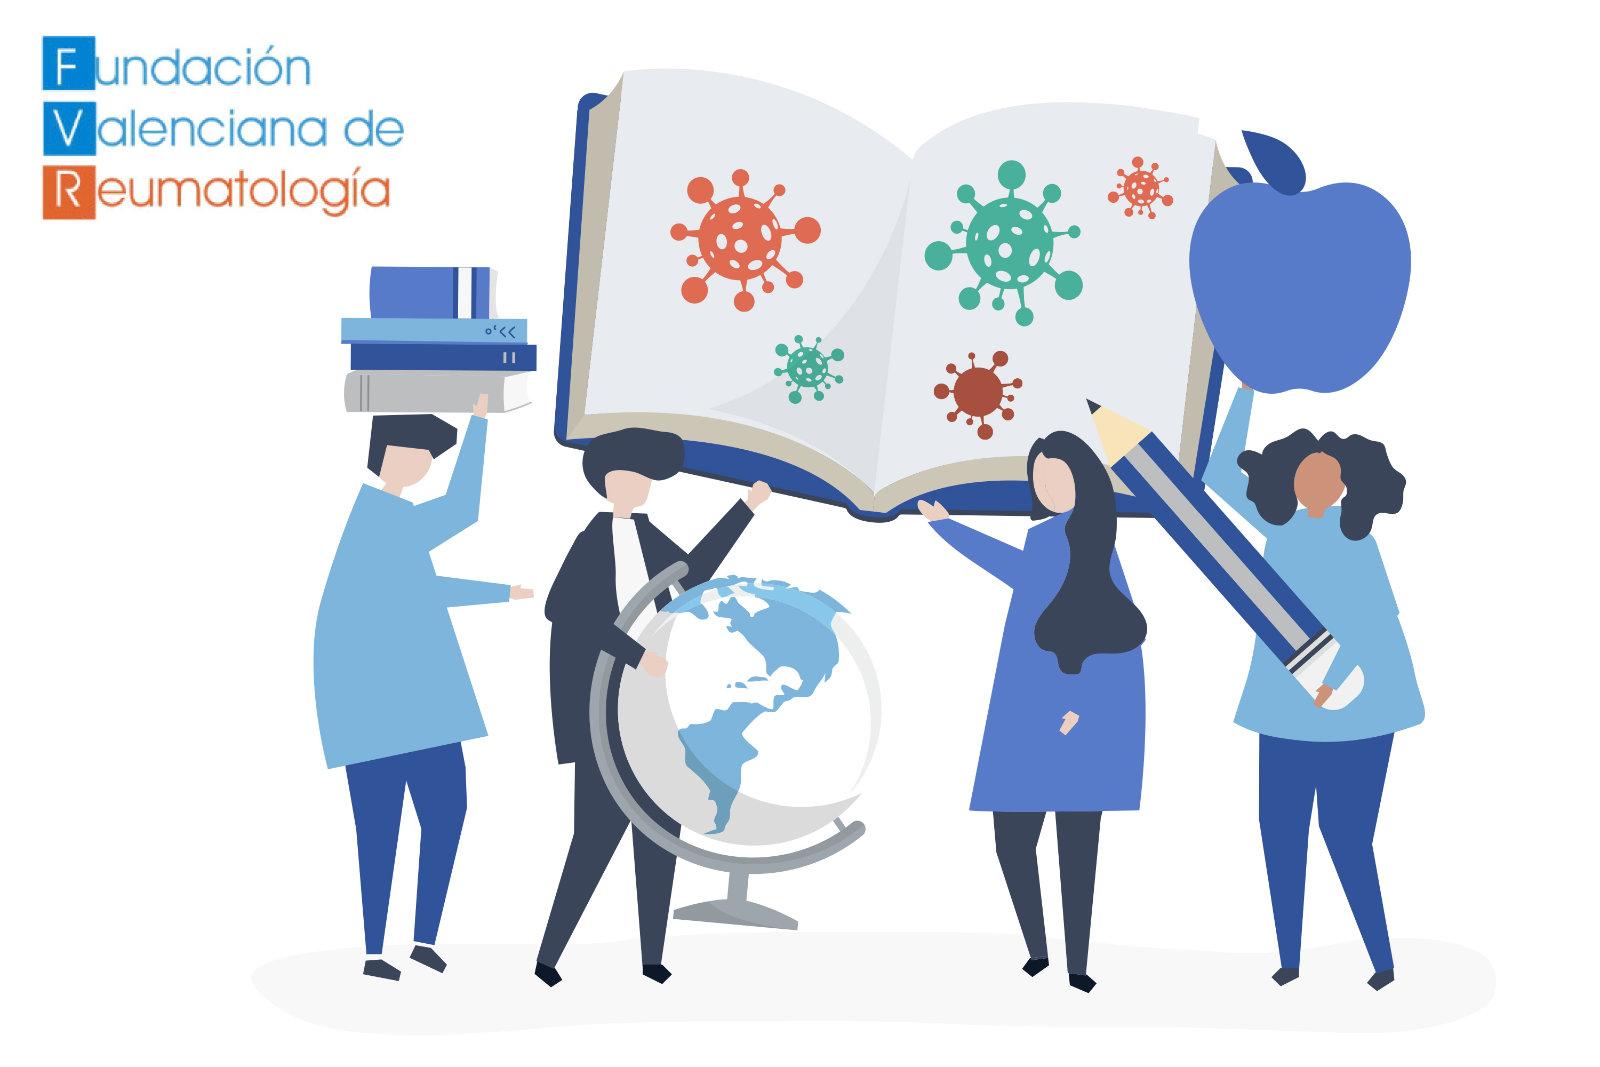 La Fundación Valenciana de Reumatología financia un estudio sobre la evolución clínica de pacientes con enfermedades inmunomediadas infectados por SARS-CoV-2